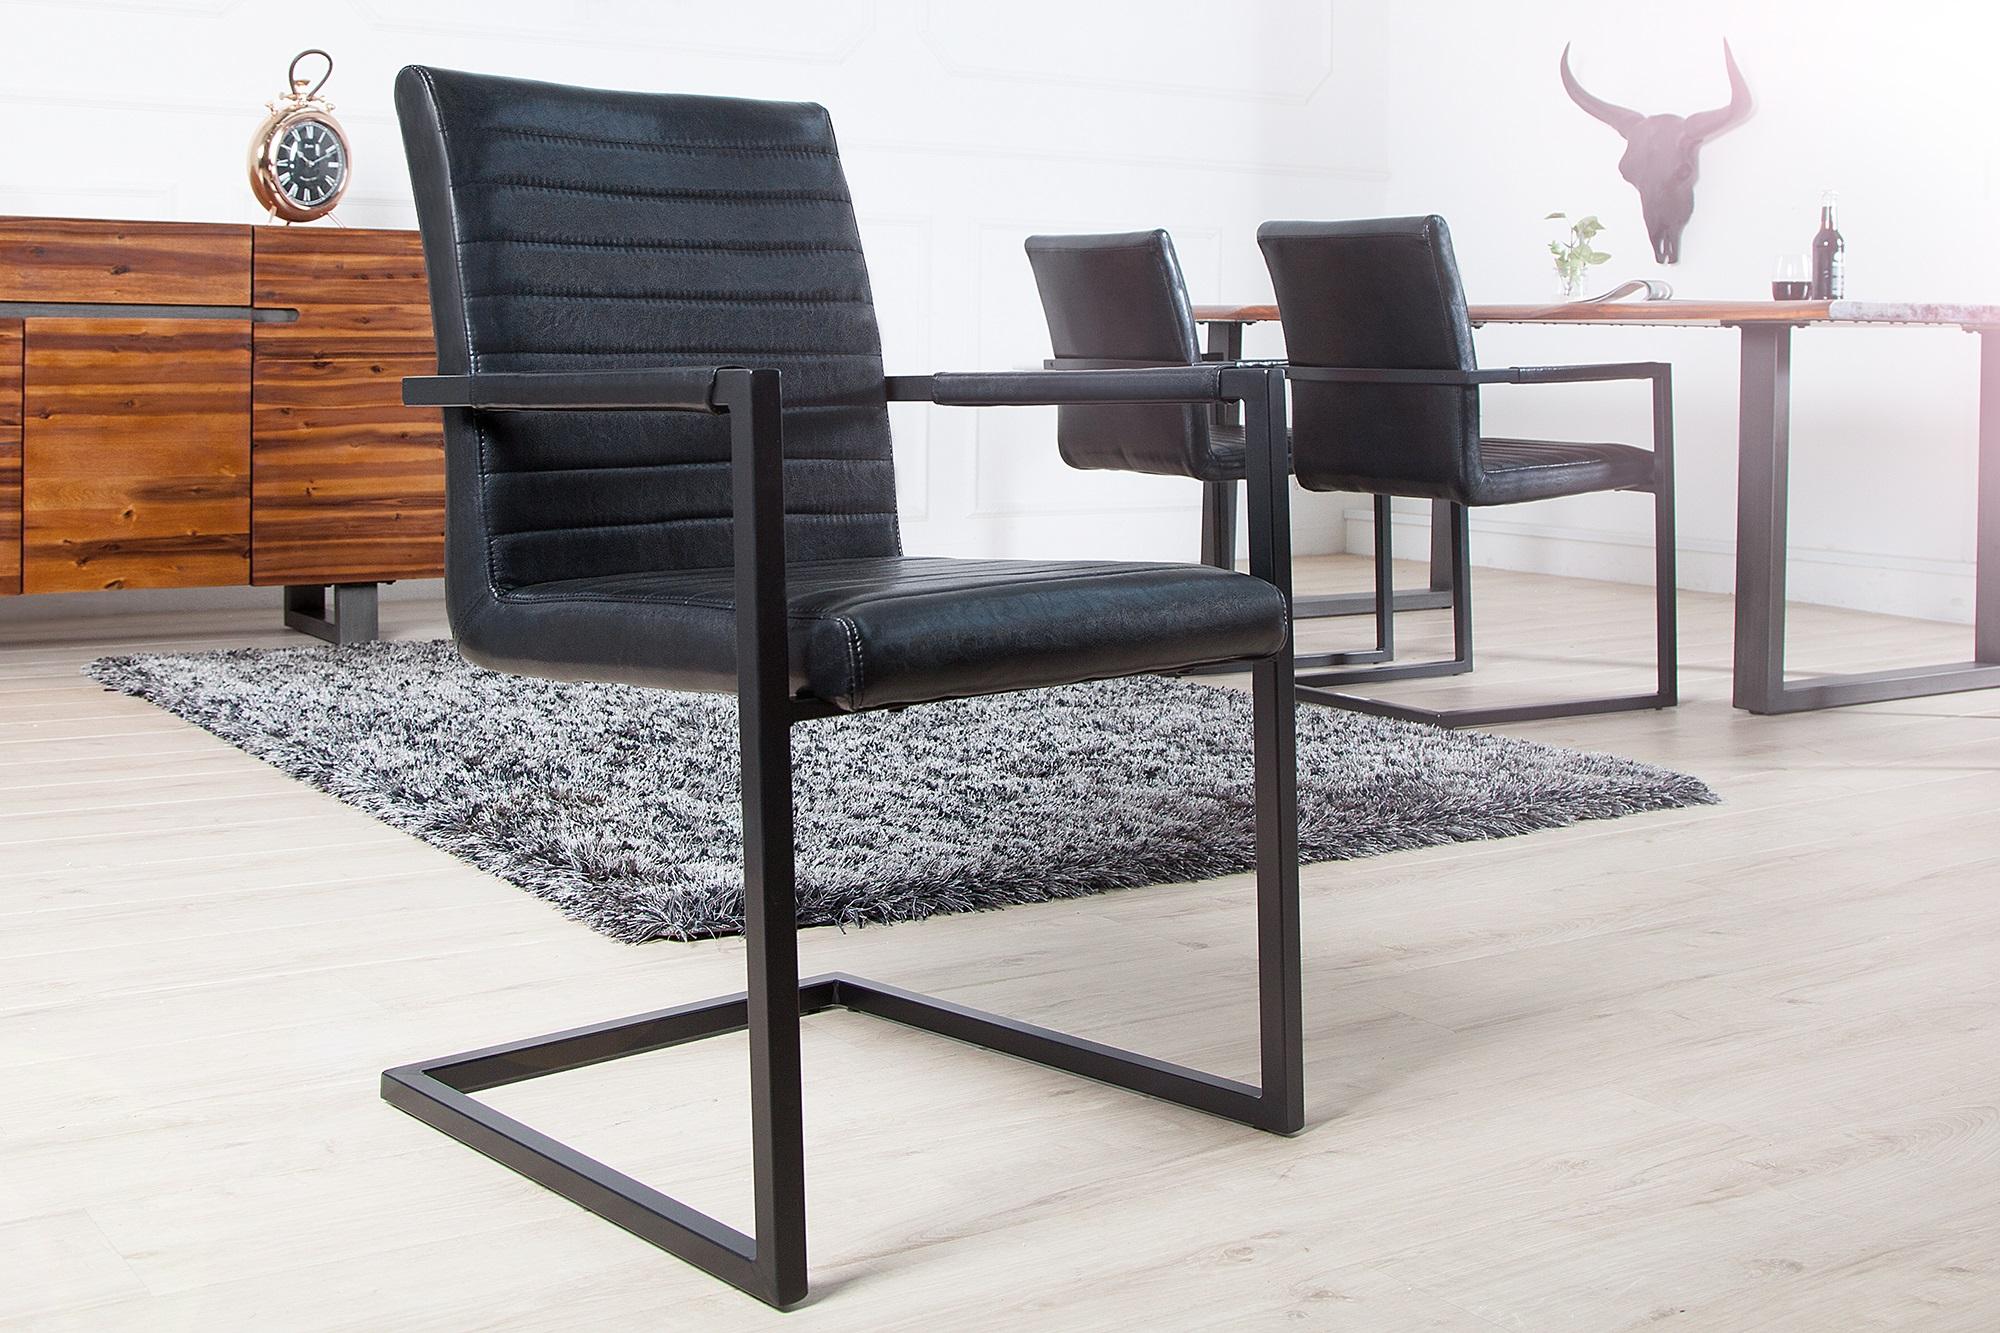 Moderne vintage stoel kopen - Moderne stoel ...